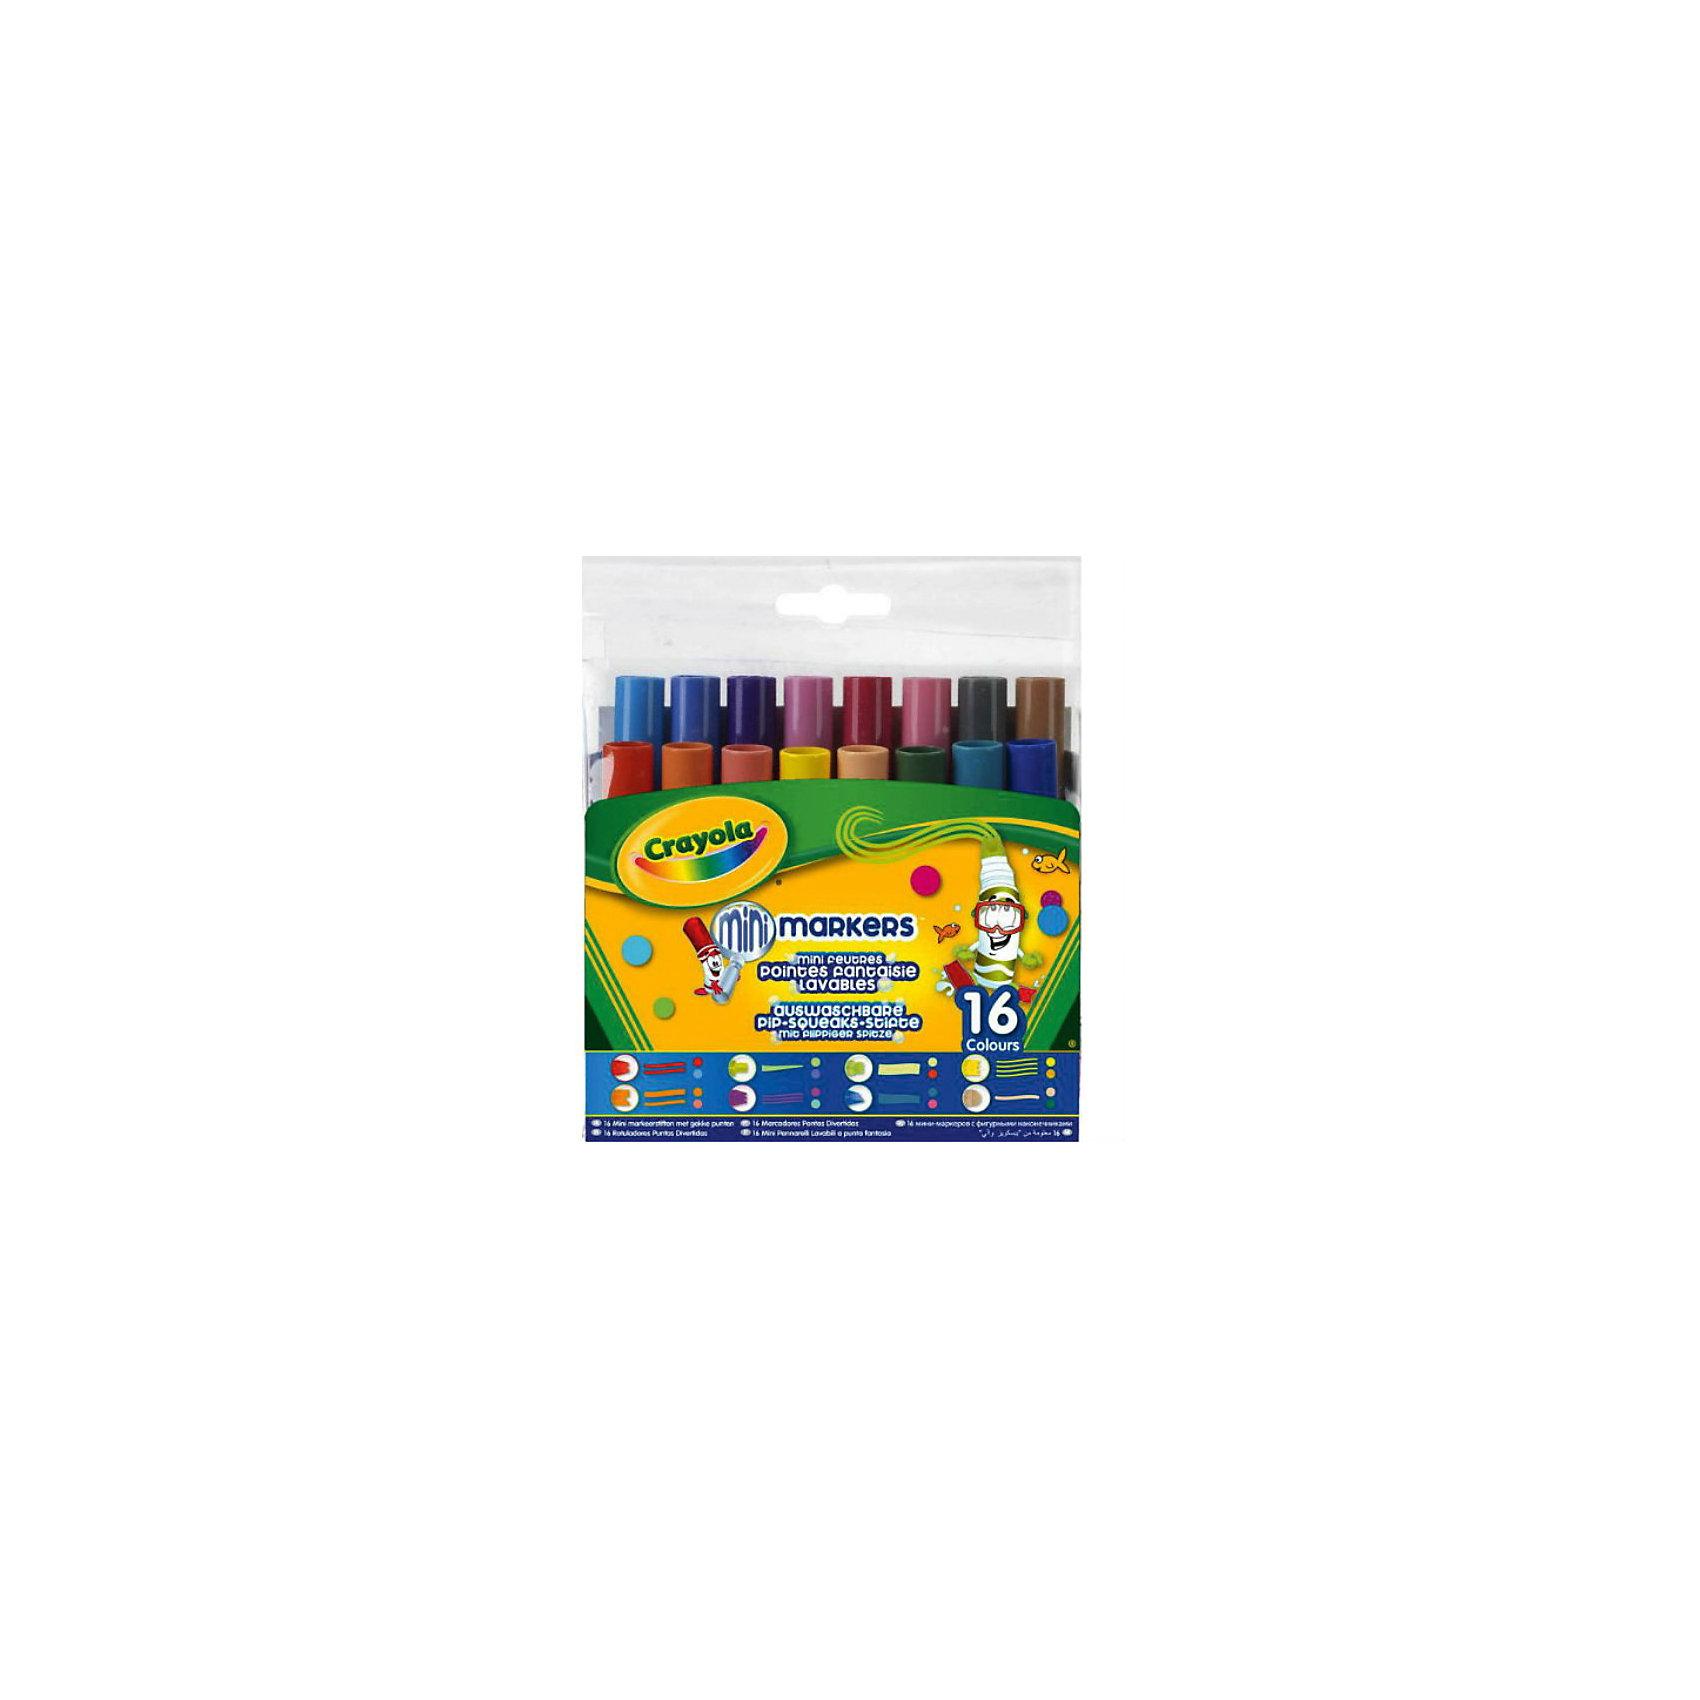 16 мини-фломастеров с узорными наконечниками, Crayola16 мини-фломастеров с узорными наконечниками – это то, что нужно любому юному художнику. Обладая шестнадцатью разными цветами, вы можете нарисовать и оформить что угодно. Тем более, что в наборе представлено 8 разных видов наконечников фломастеров – выводите по одной, две, три, четыре линии за раз, украшайте свой рисунок цветными многоугольниками, наклонными полосами и т.д. <br>Огромным достоинством этих фломастеров является то, что они прекрасно смываются с любой поверхности, при этом отлично сохраняют свой цвет на бумаге. Небольшой размер  идеально подходит для маленьких детских ручек.<br><br>Дополнительная информация:<br><br>- 16 цветов<br>- Материал: пластик<br>- Размер упаковки: 13,5x12x3.5 см <br>- 8 разных наконечников.<br>- На водной основе ( легко смываются)<br><br>16 мини-фломастеров с узорными наконечниками, Crayola  можно купить в нашем магазине.<br><br>Ширина мм: 140<br>Глубина мм: 132<br>Высота мм: 37<br>Вес г: 200<br>Возраст от месяцев: 36<br>Возраст до месяцев: 108<br>Пол: Унисекс<br>Возраст: Детский<br>SKU: 3854927